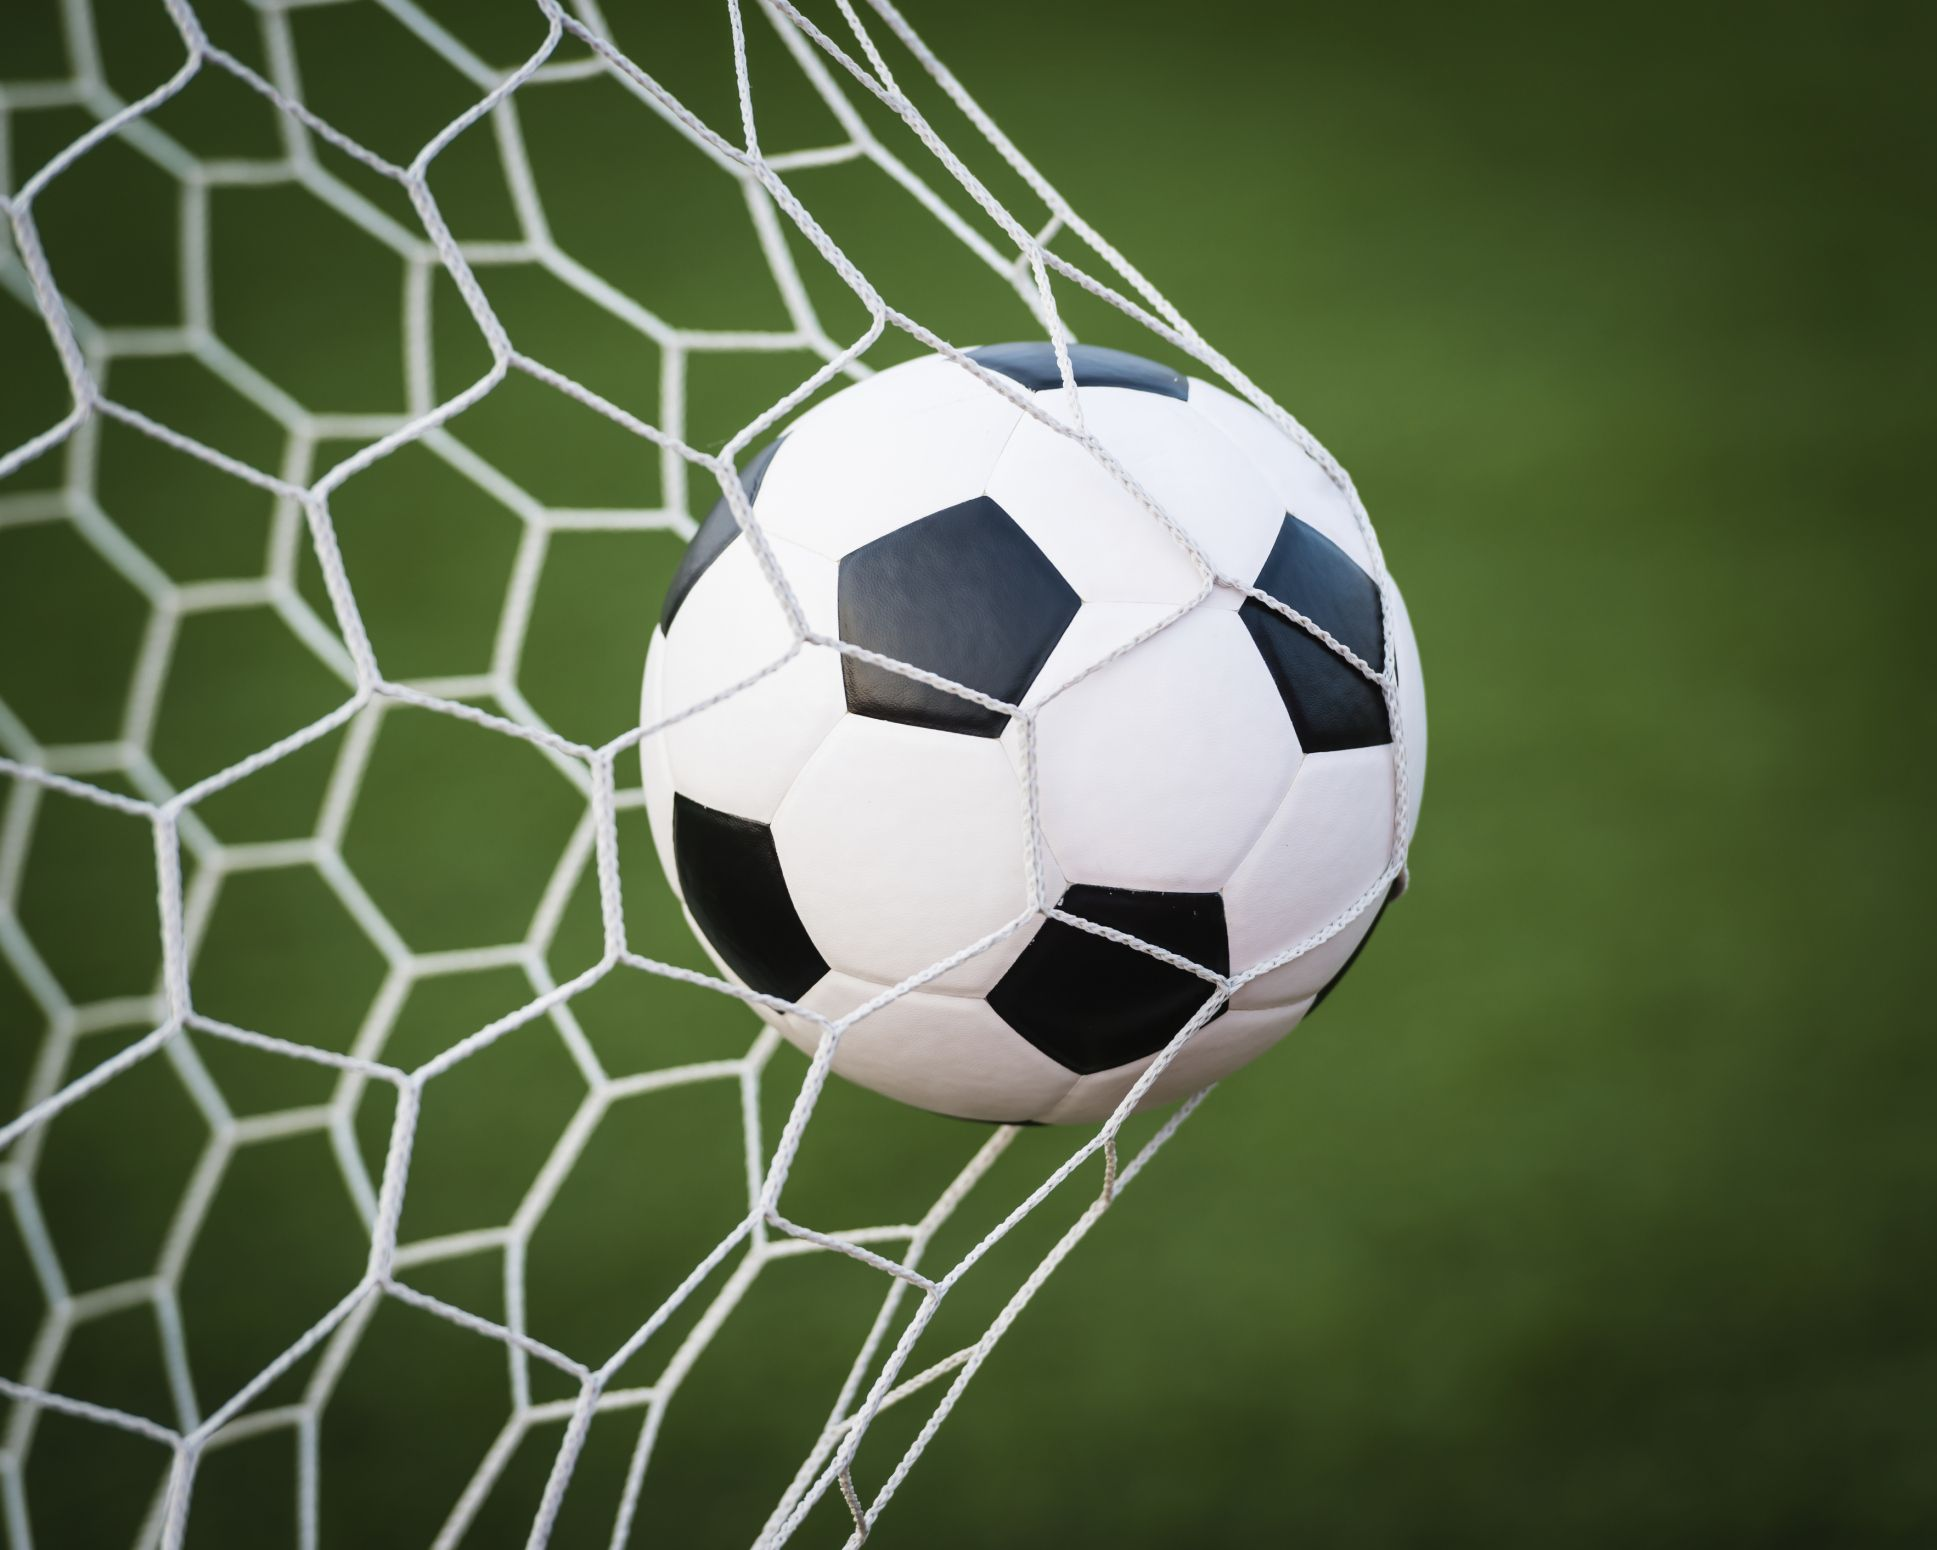 c92ae6f4bf Qual é a maneira correta de chutar uma bola de futebol